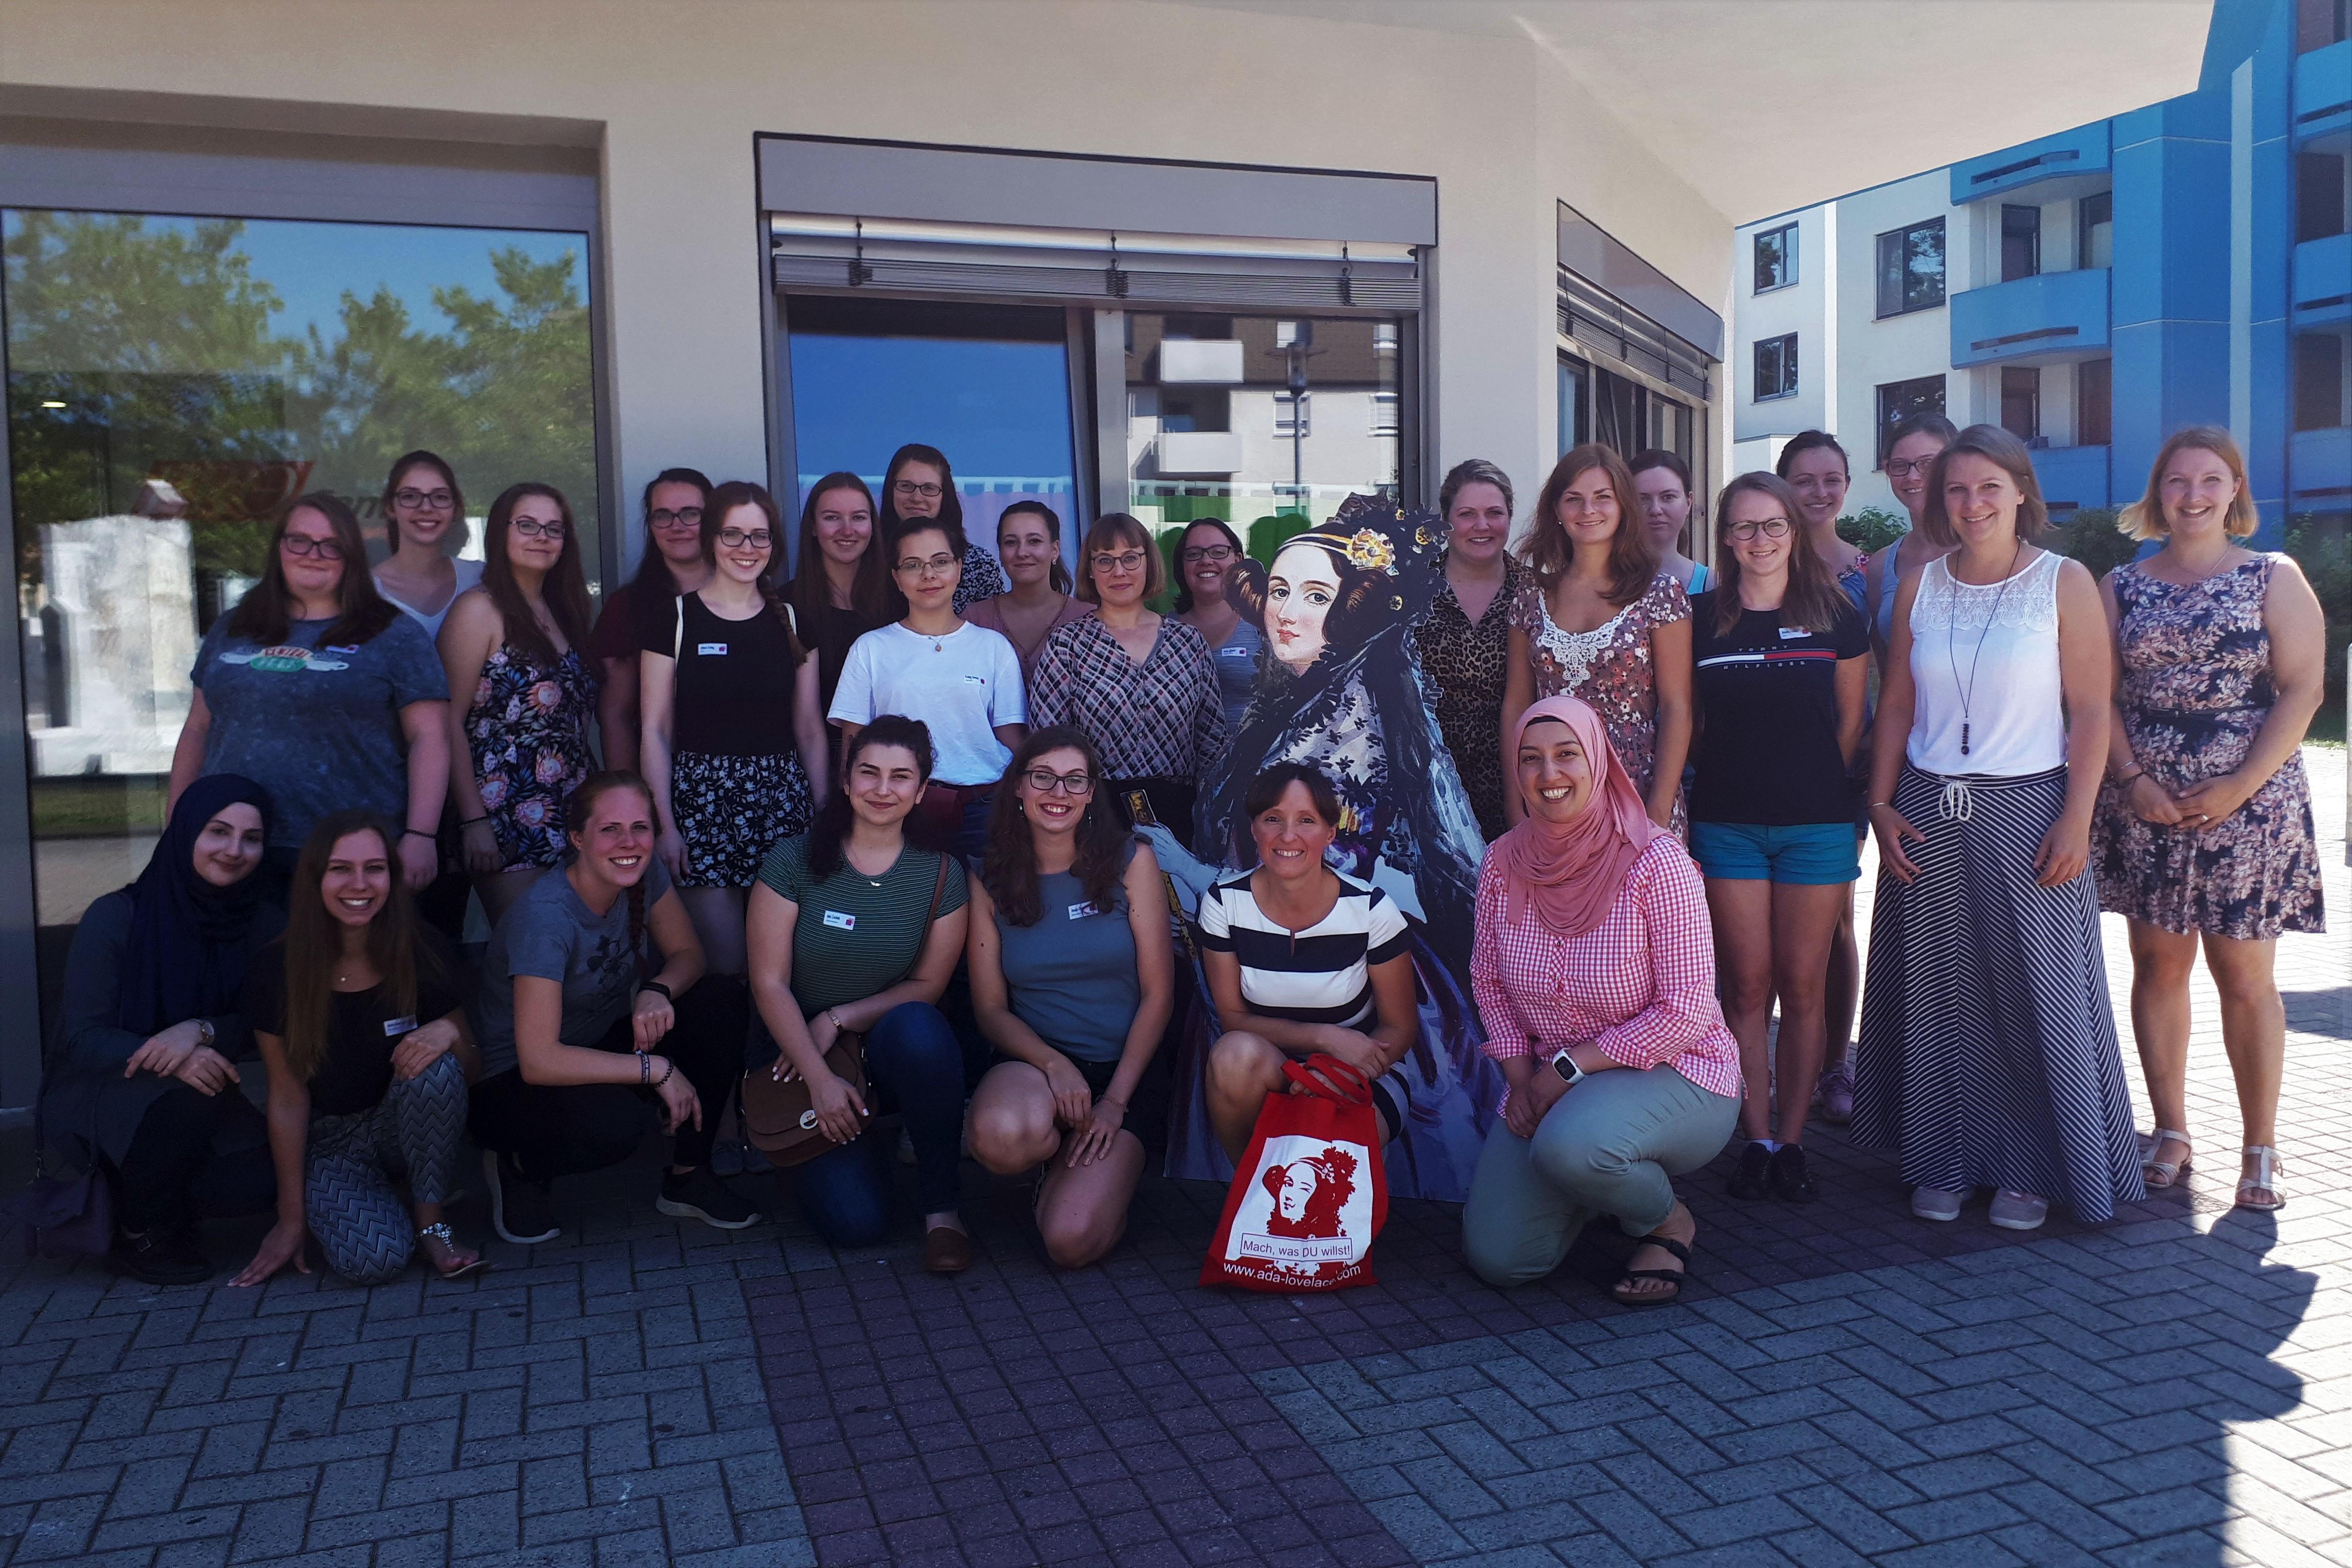 Teilnehmerinnen des diesjährigen Landesmentorinnentreffens in Kaiserslautern